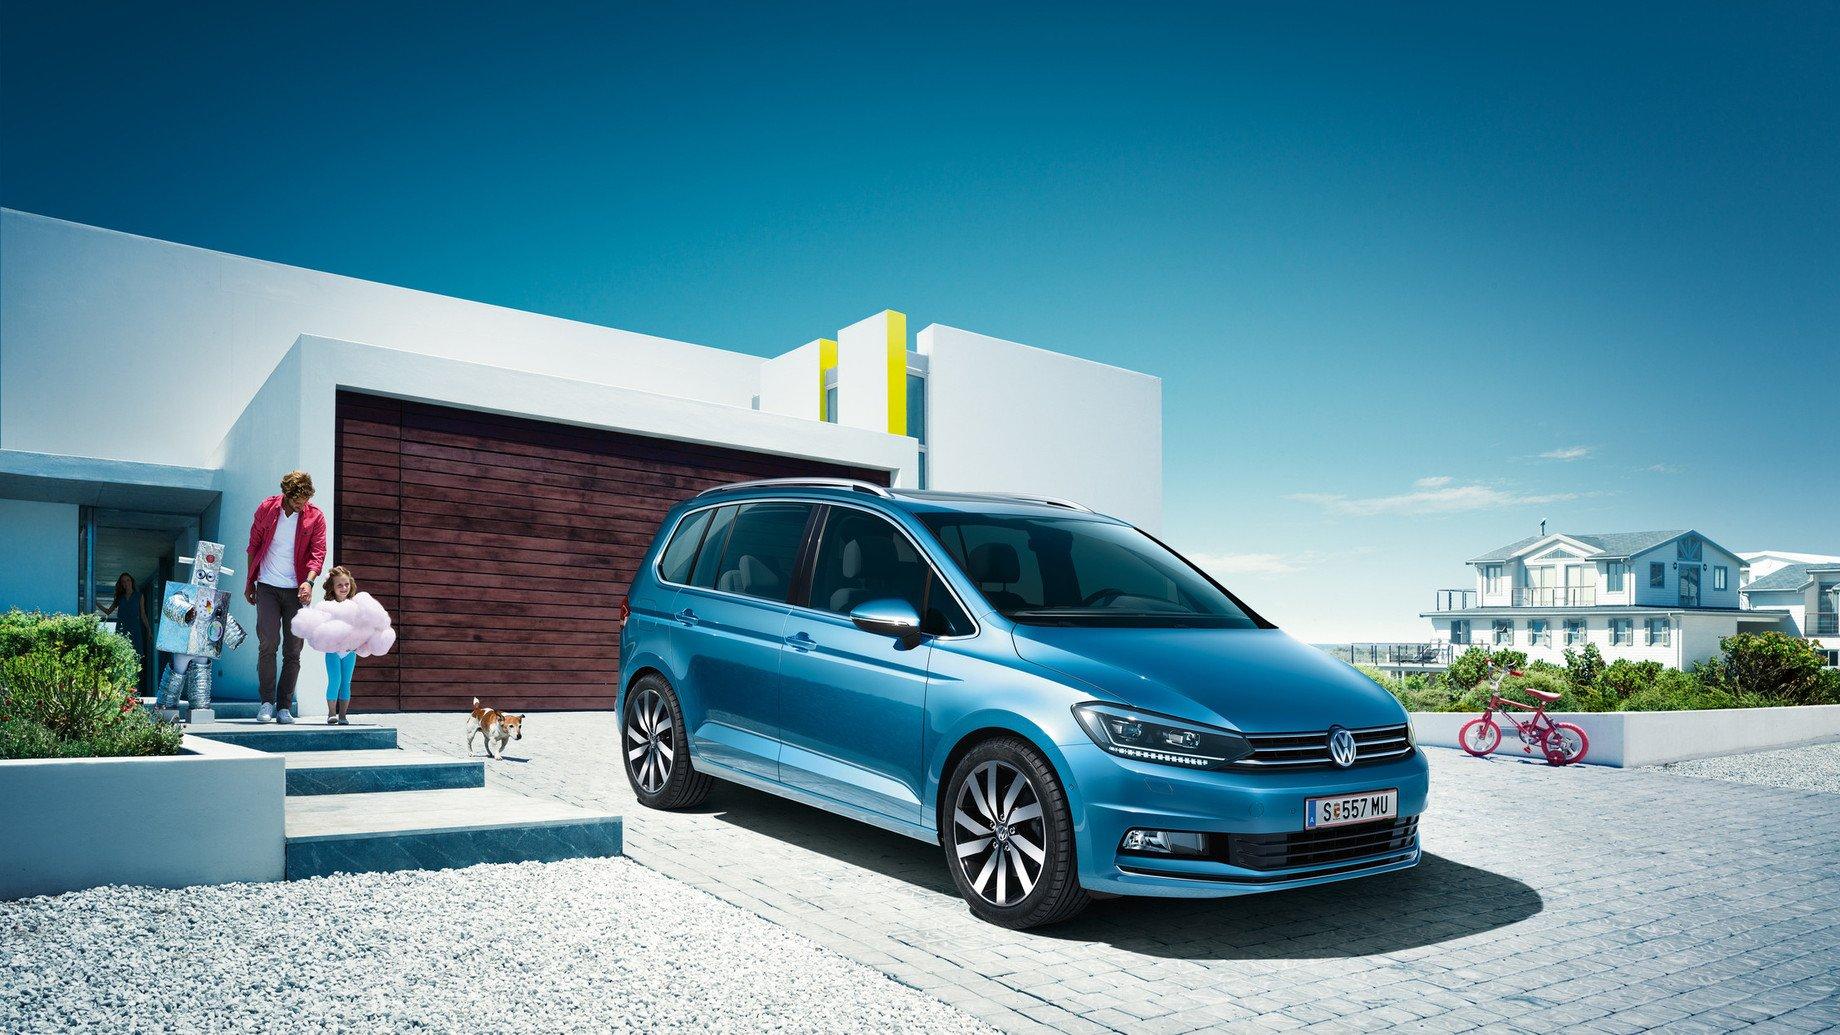 Германские производители согласились обновитьПО 5 млн авто